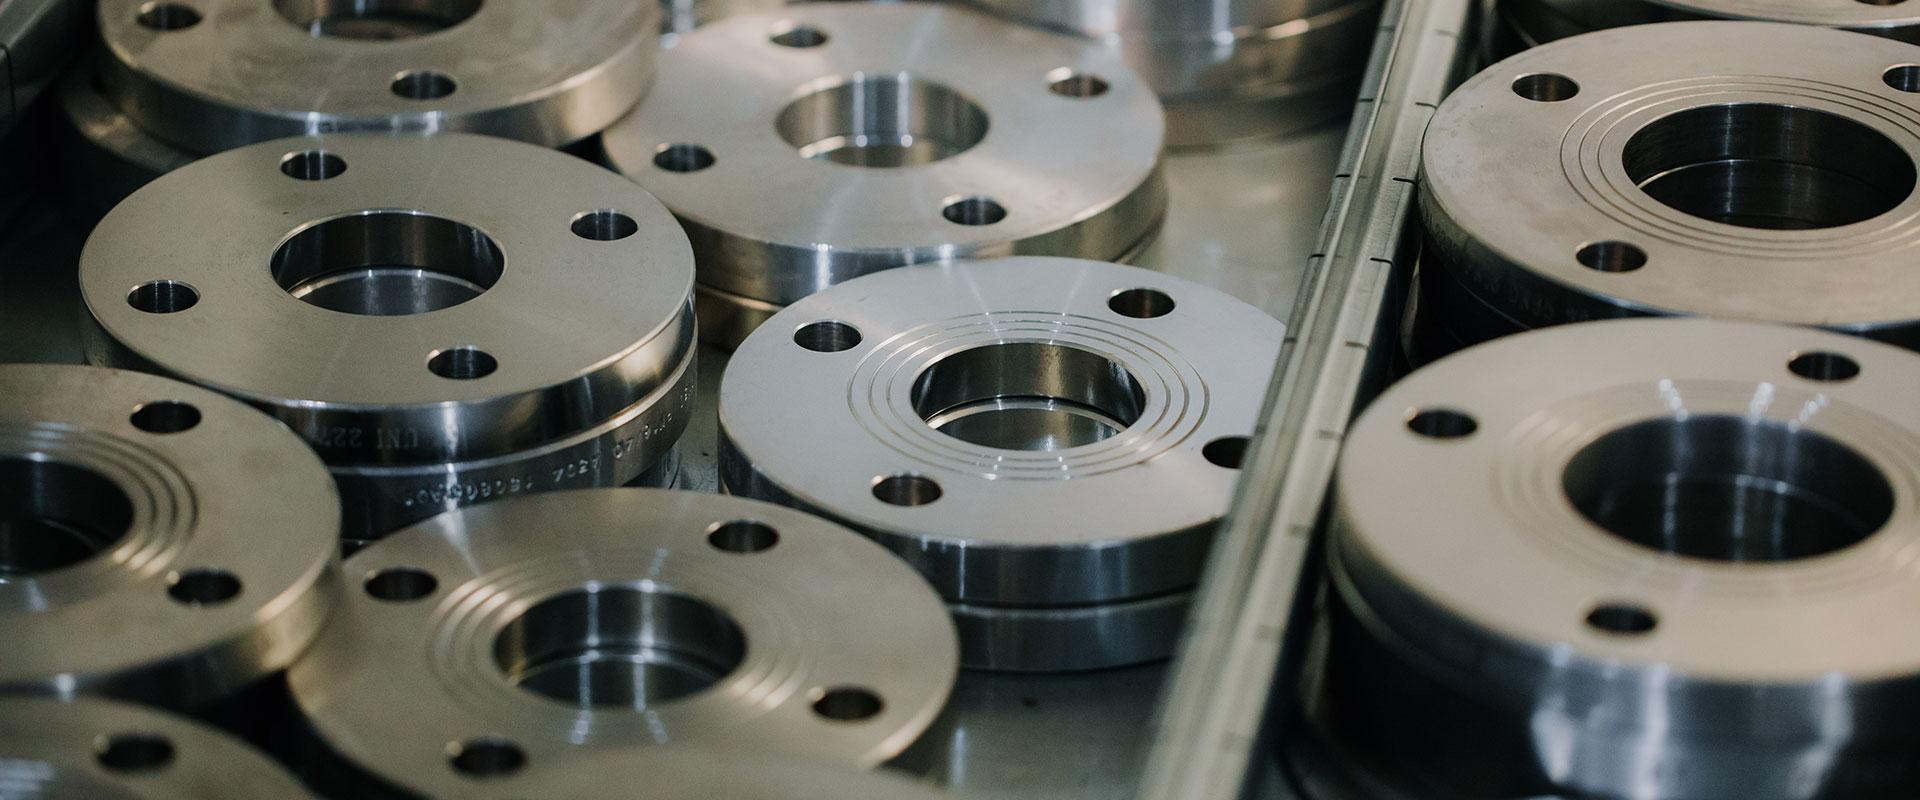 raccorderia - tecnoacciai vendita acciaio inox, siderurgica, acciai per industria meccanica, impiantistica